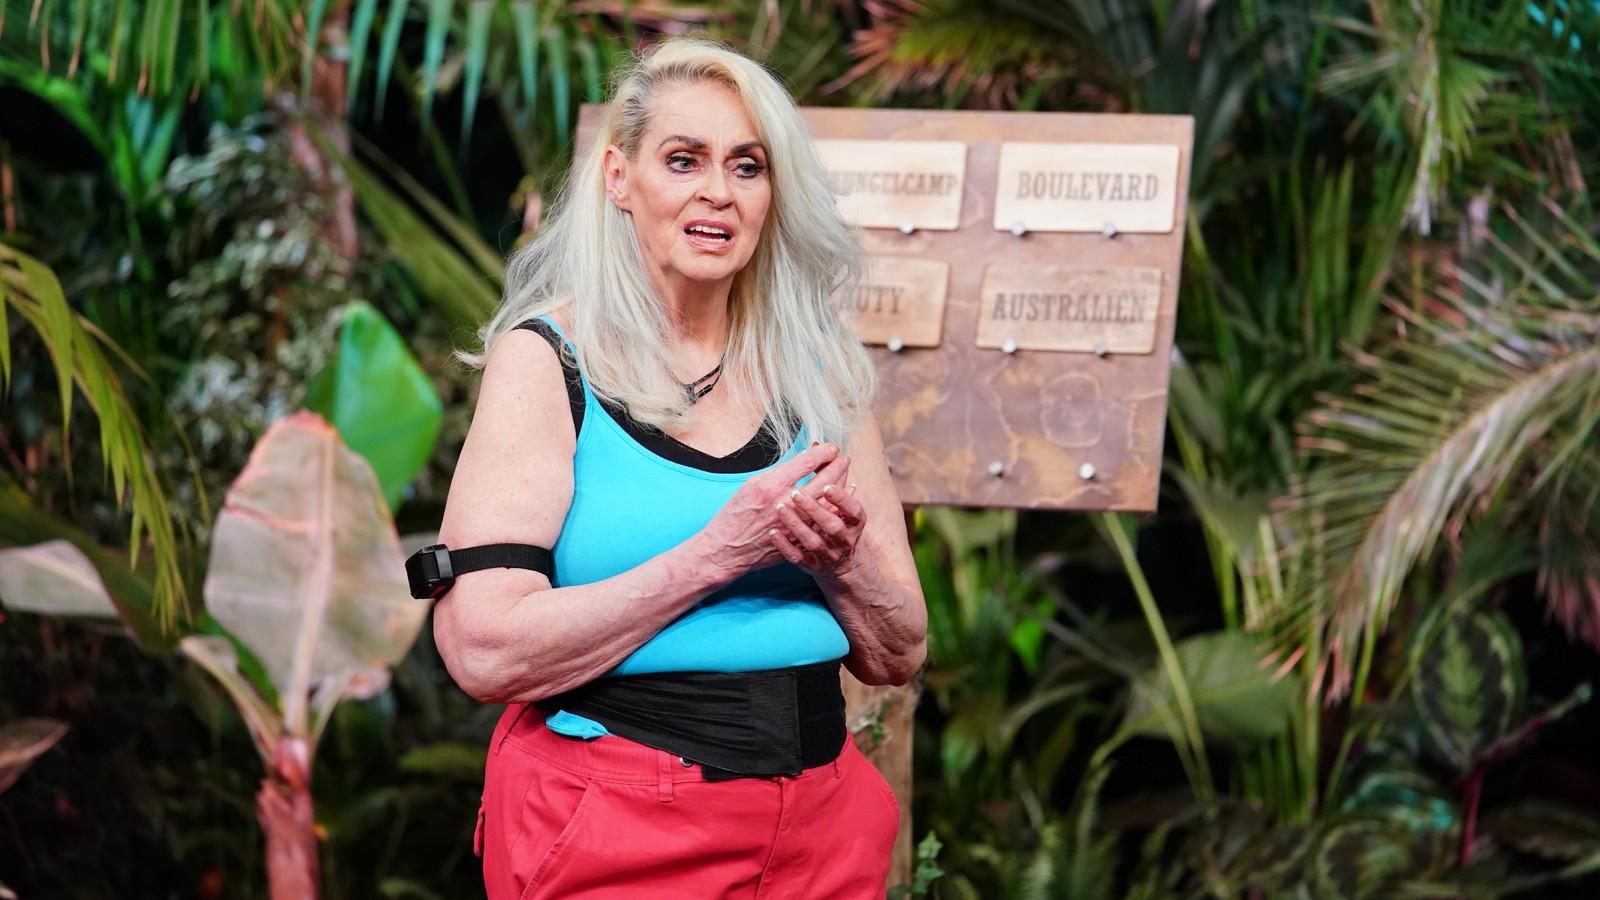 Dschungelshow-Kandidatin Bea Fiedler